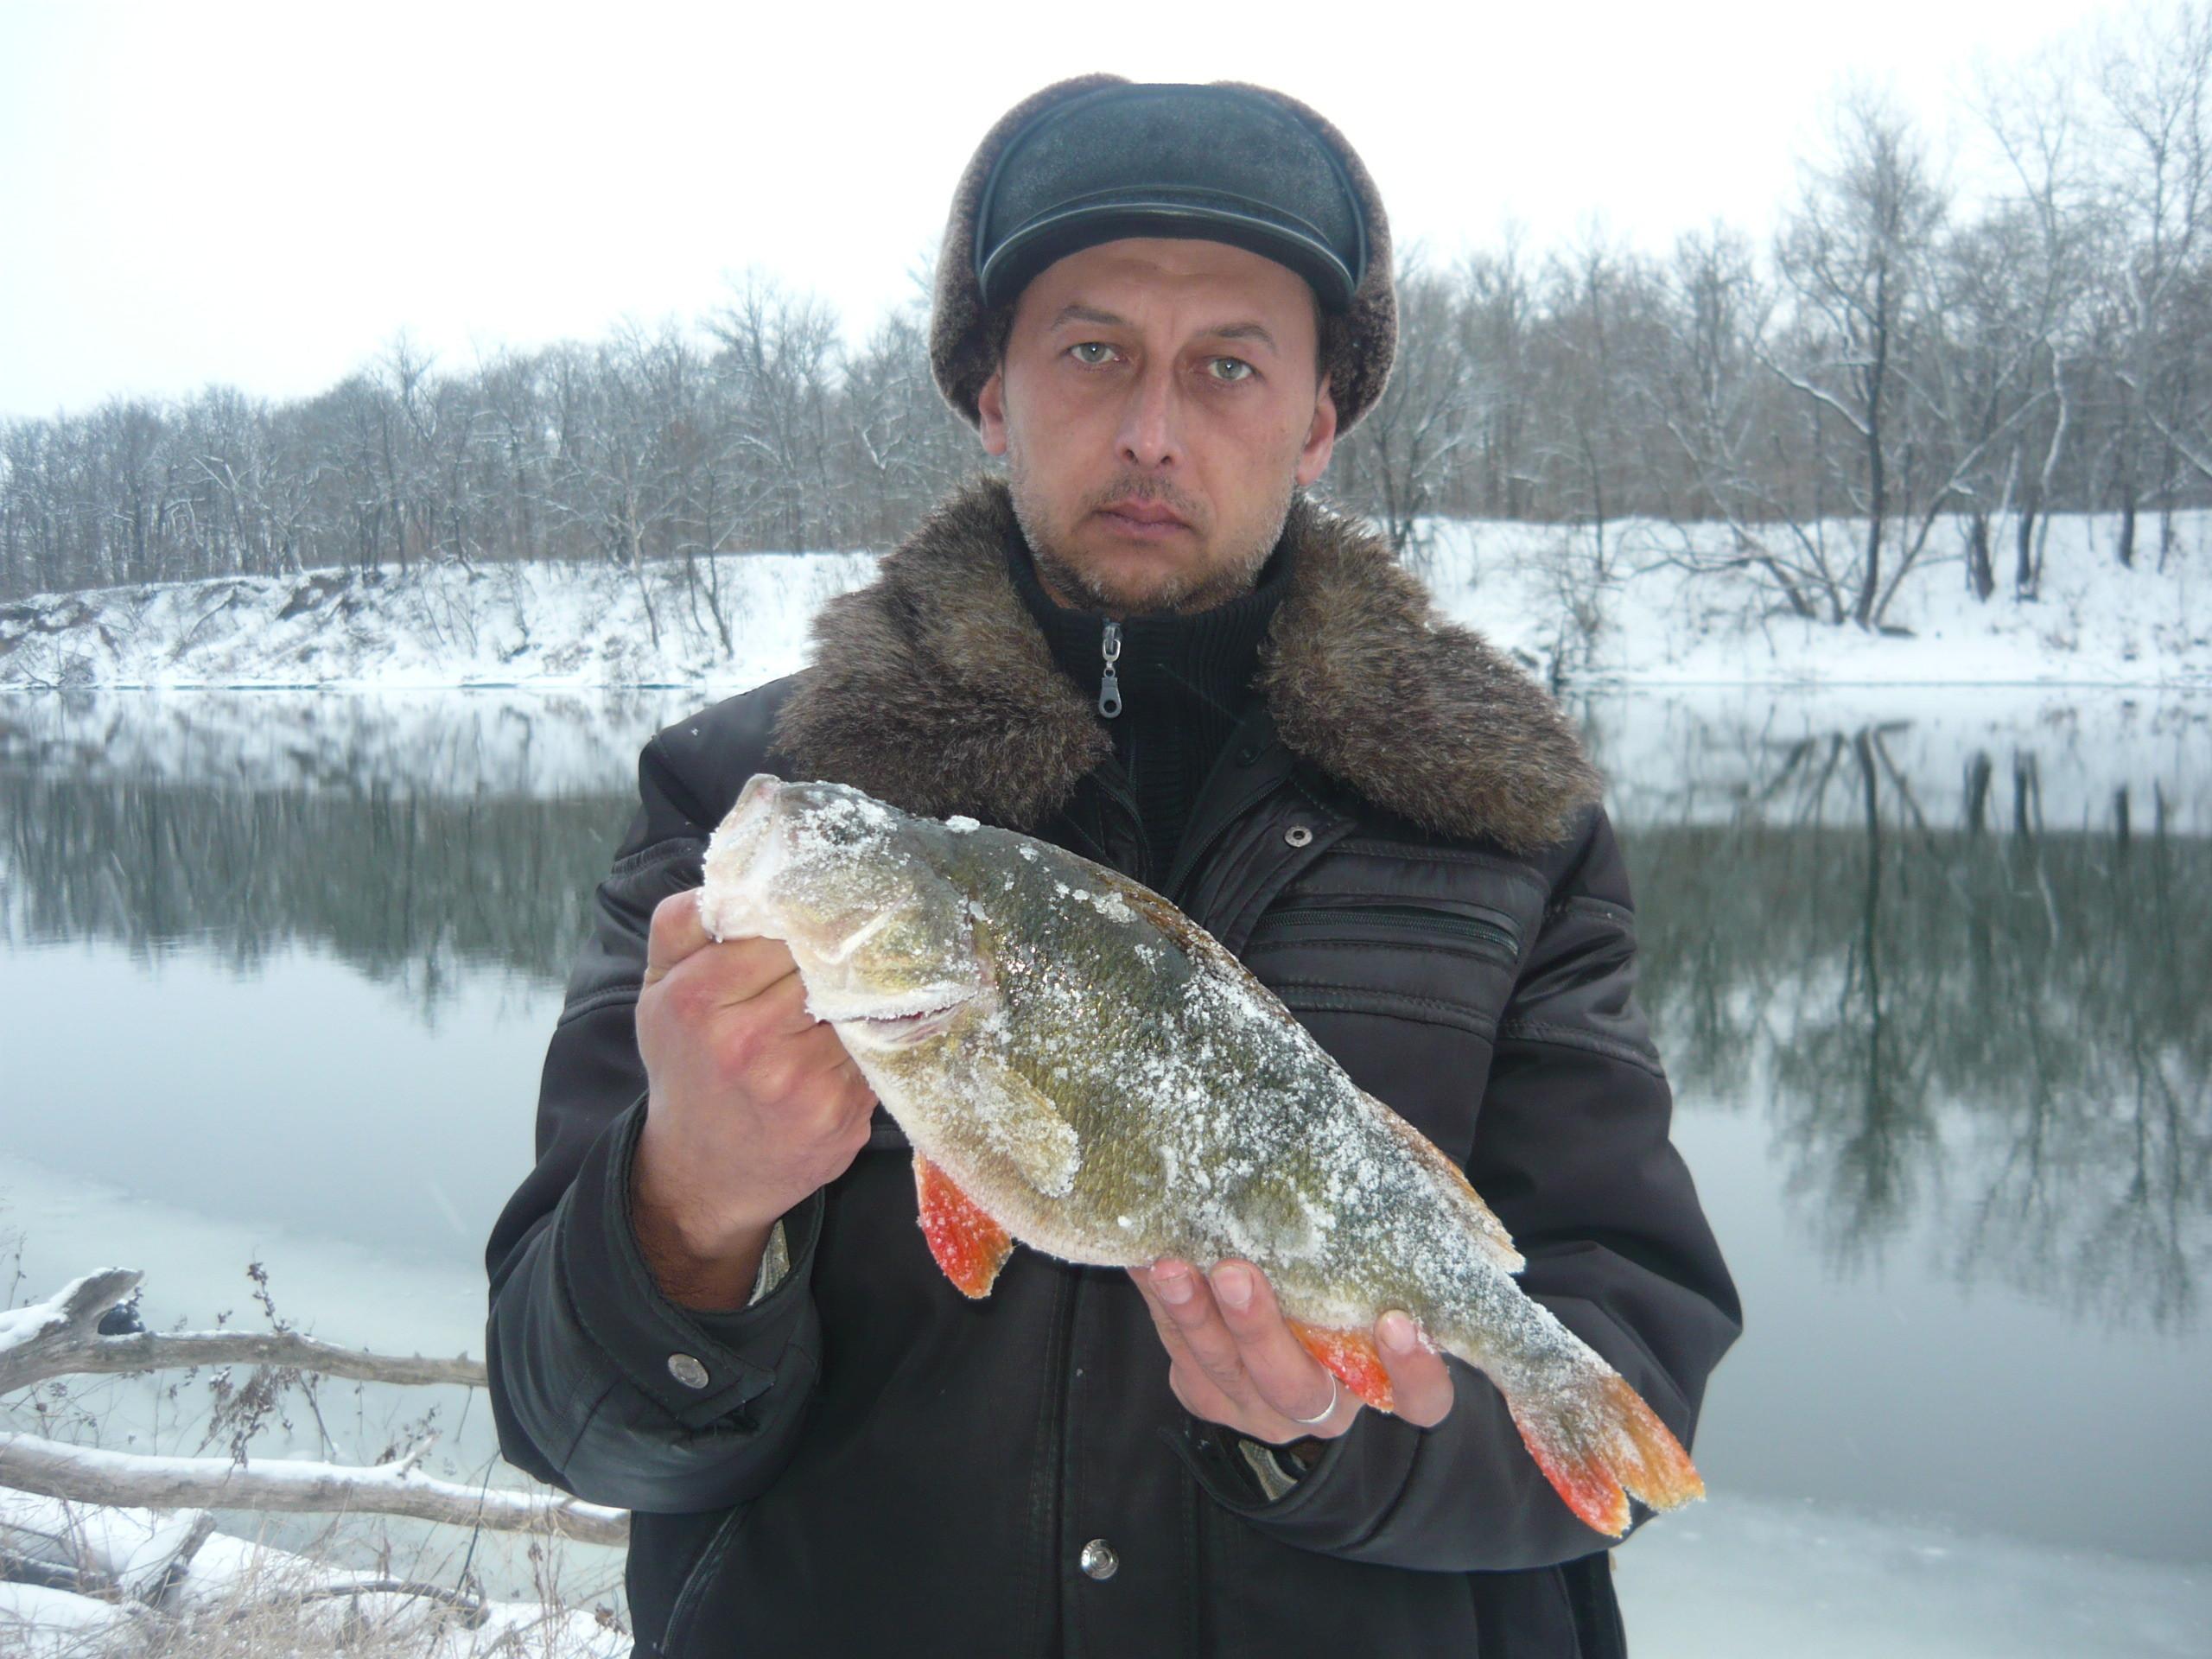 Рыбак с огромным окунем в руках